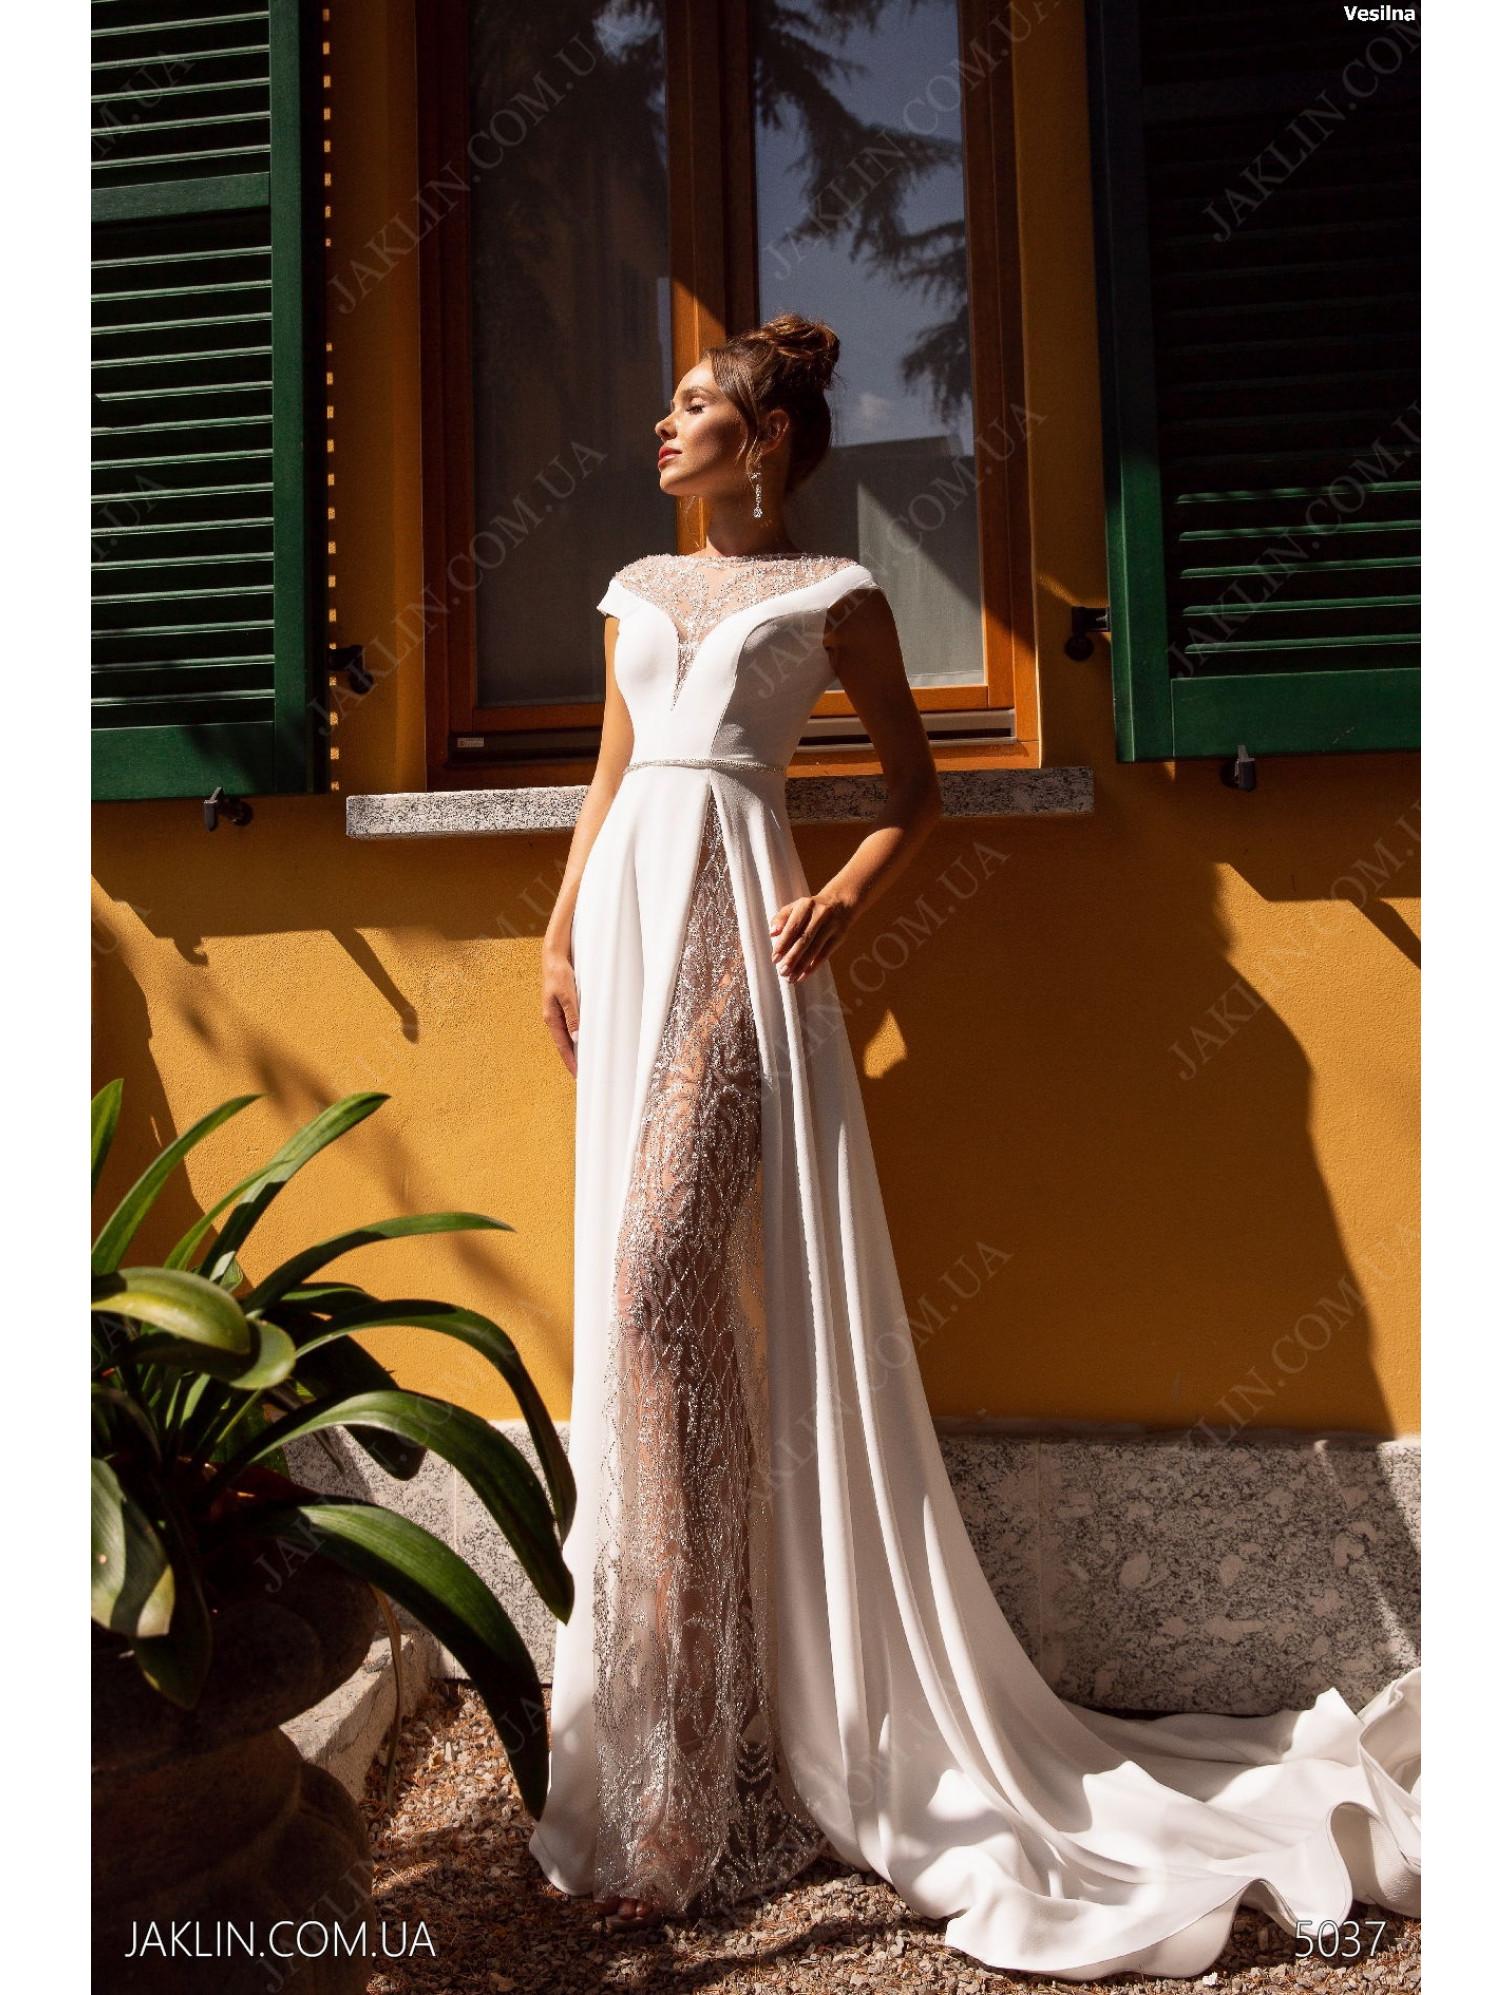 Весільна сукня 5037